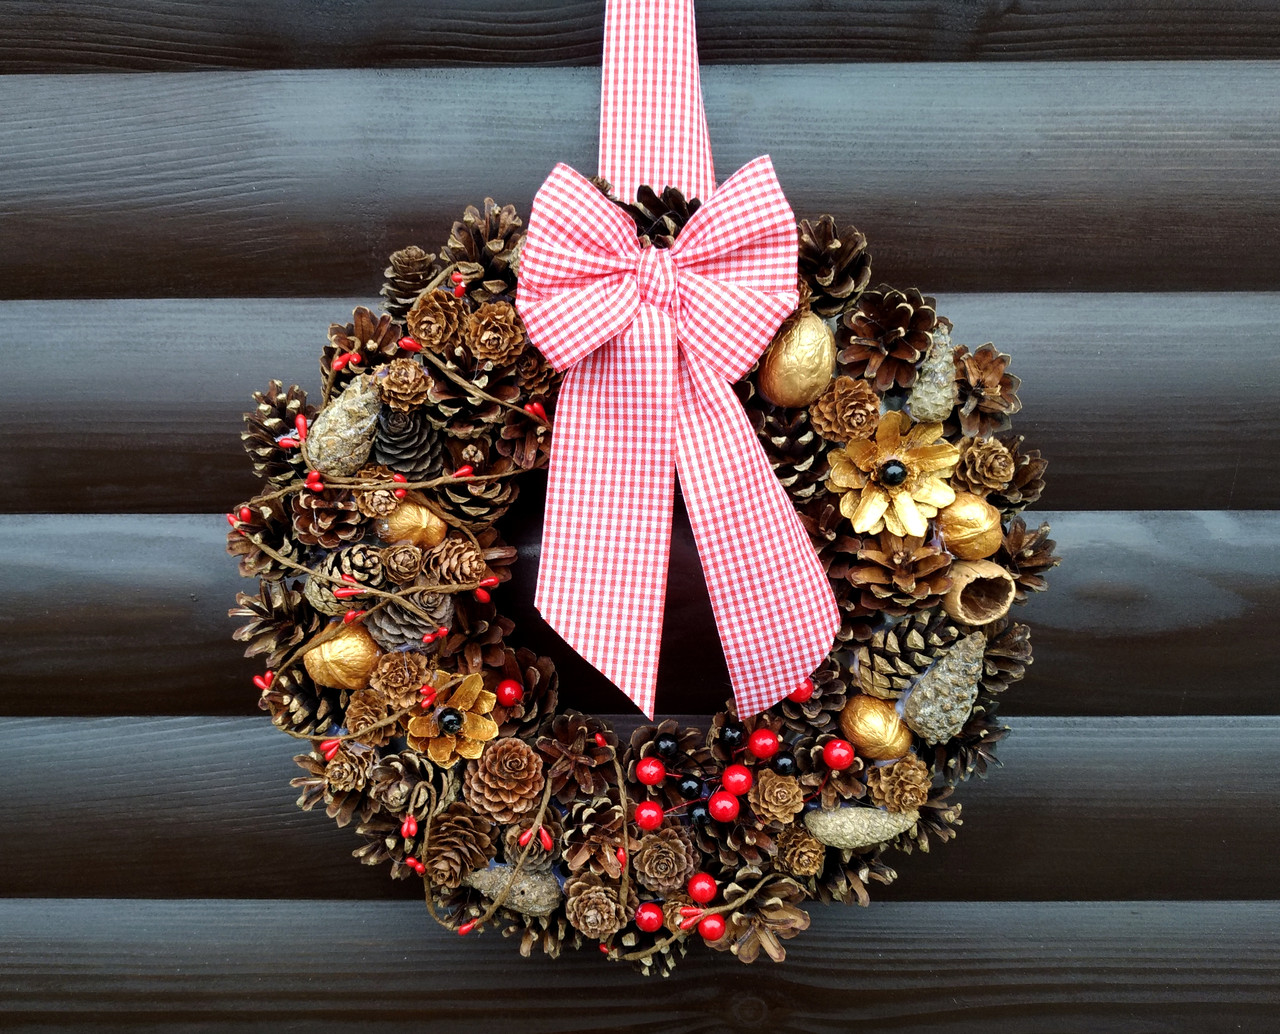 Рождественский венок, Новогодний венок ручной работы, 30 см, фото 1